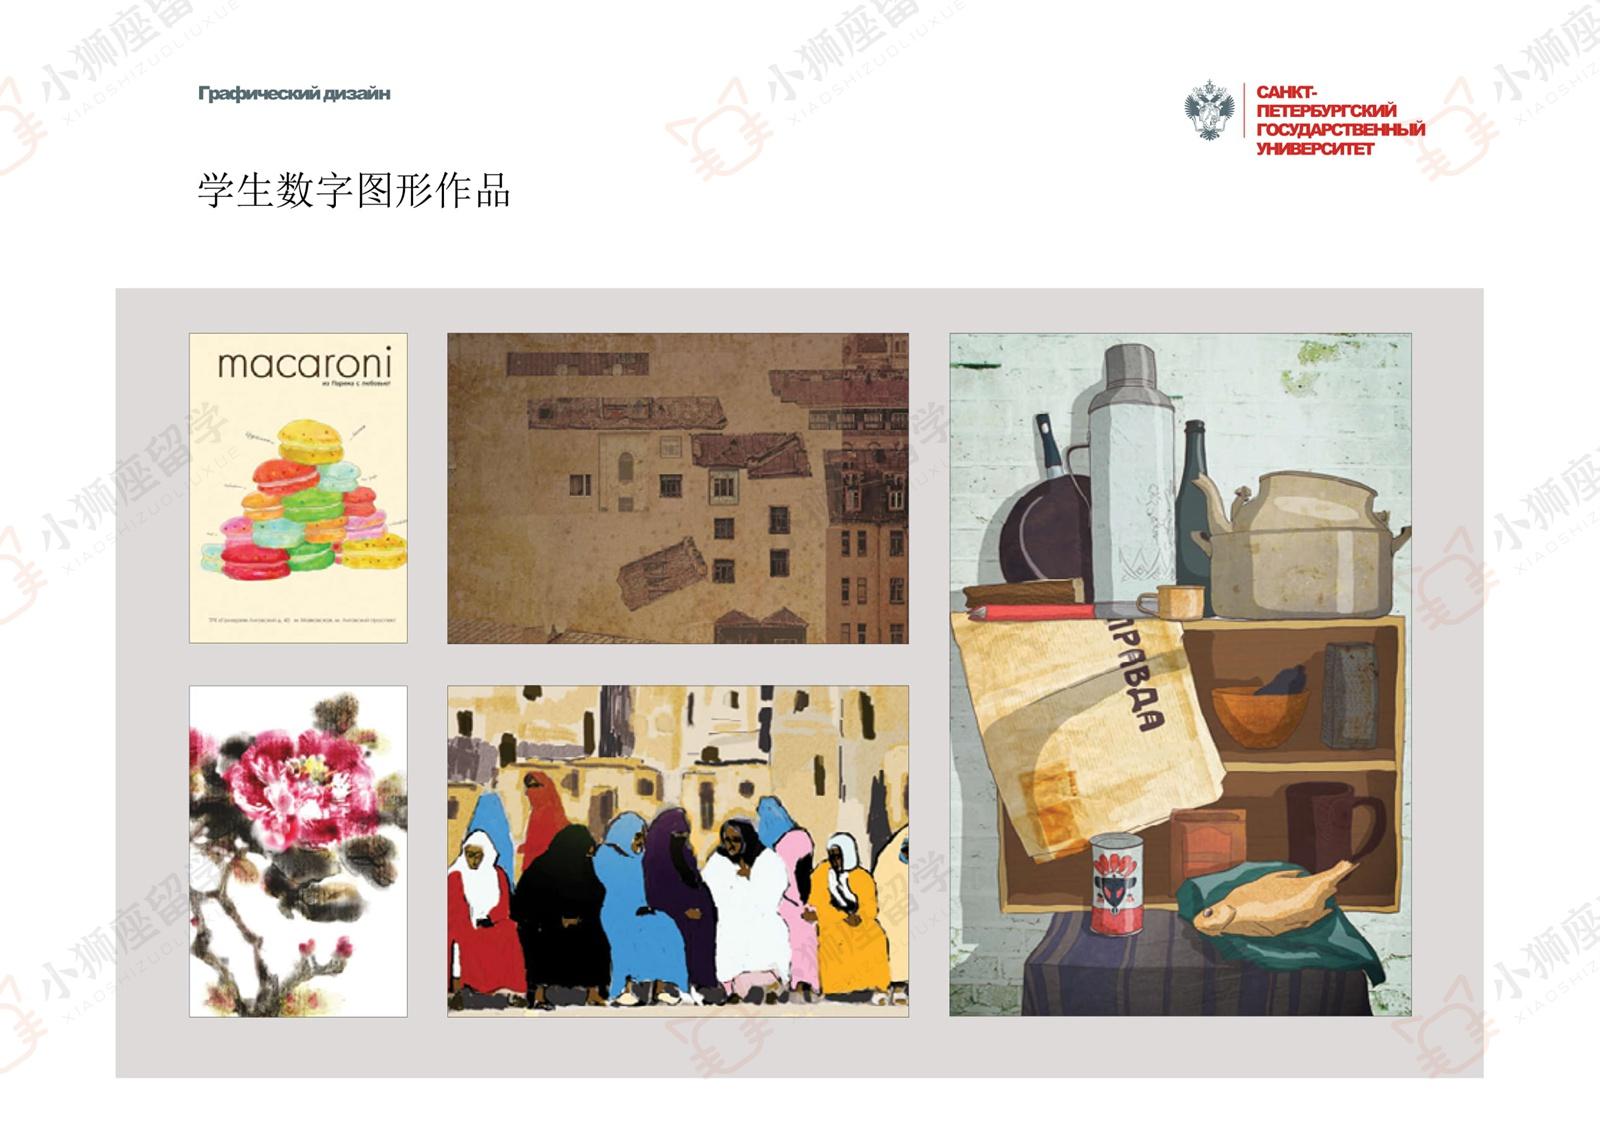 圣彼得堡国立大学《平面设计》硕士研究生方向介绍!插图15-小狮座俄罗斯留学